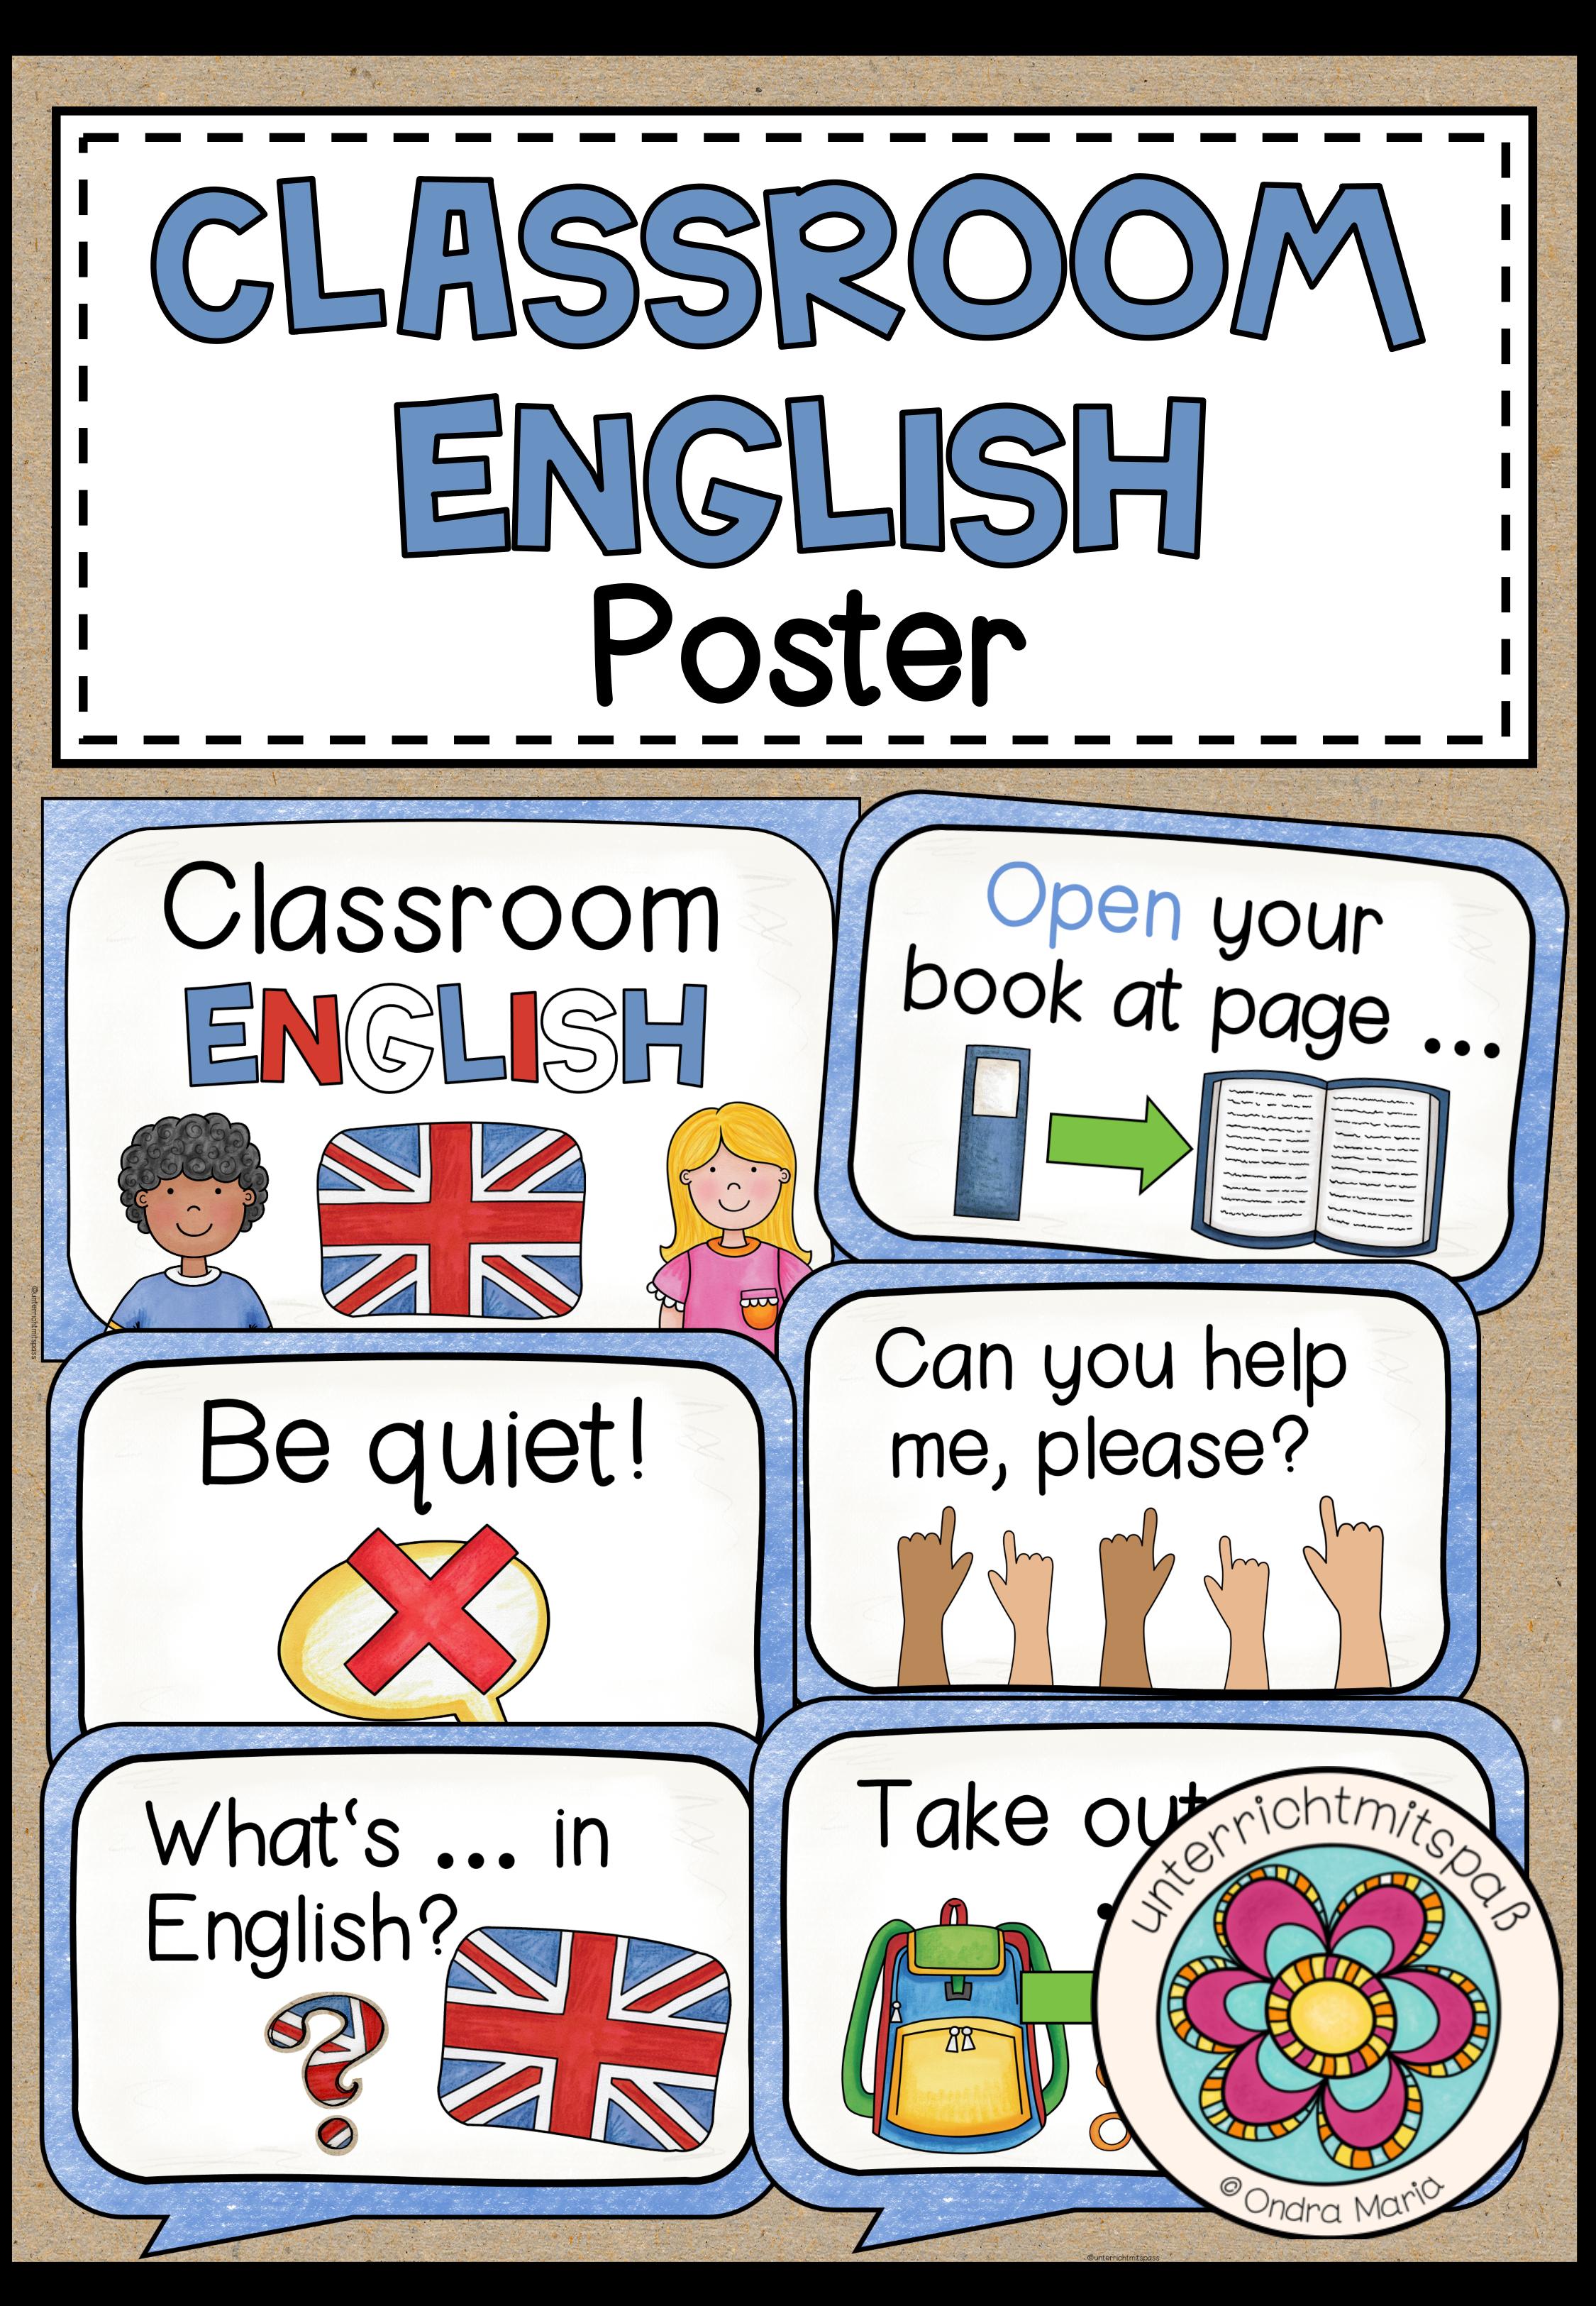 English Classroom Language Poster Unterrichtsmaterial Im Fach Englisch Englischunterricht Grundschule Englisch Lernen Englisch Grundschule